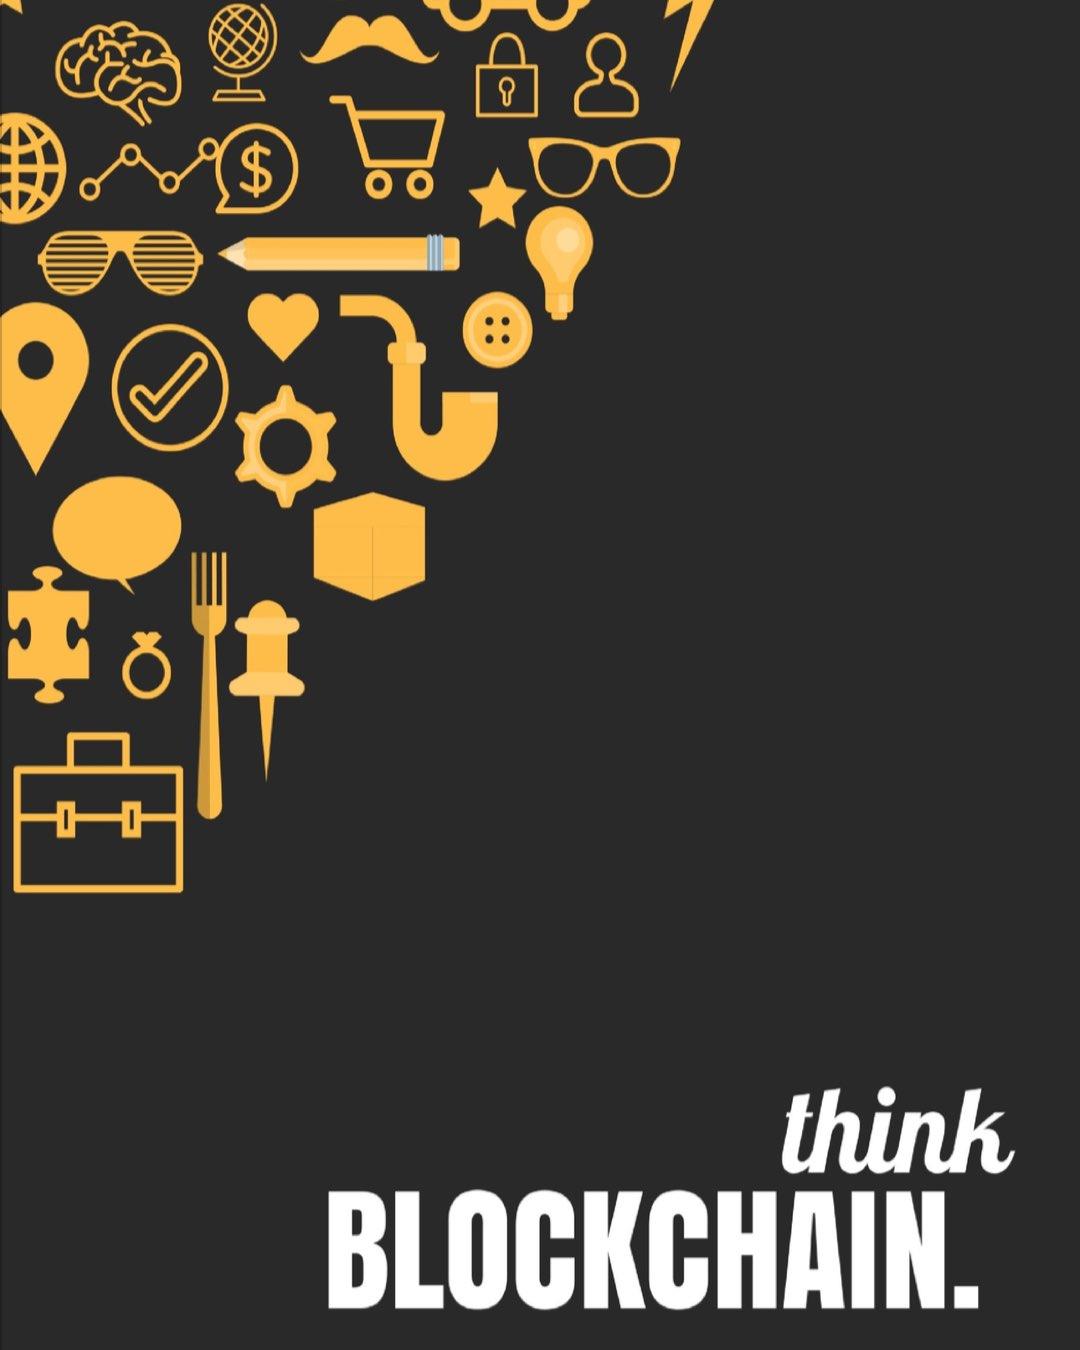 Think Blockchain